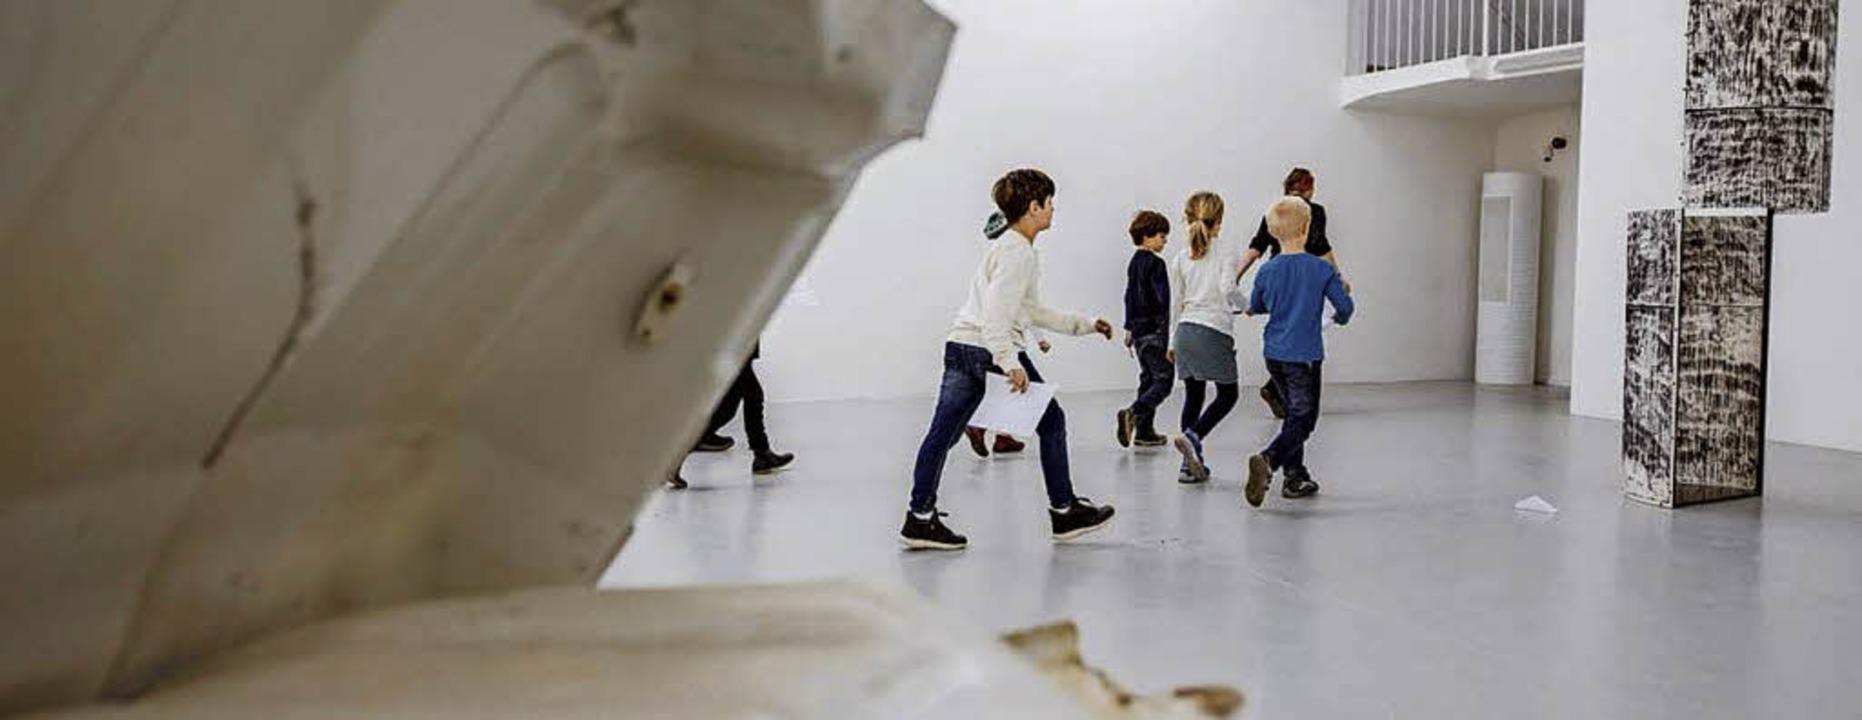 <BZ-FotoAnlauf>Kunst:</BZ-FotoAnlauf> ... und stellen jetzt im Kunstverein aus.  | Foto: Fionn Grosse